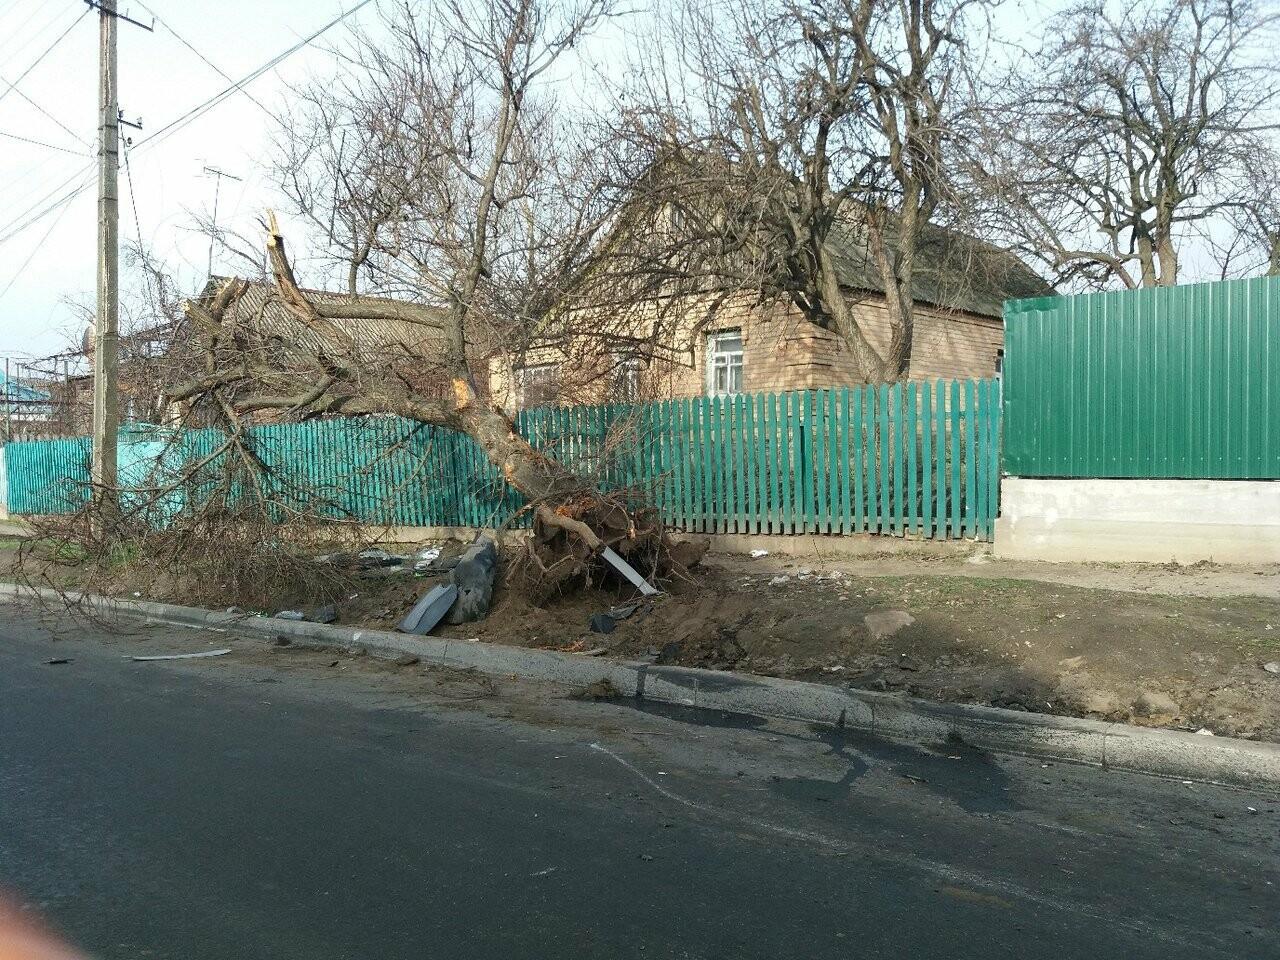 ДТП в Никополе: автомобиль врезался в дерево, есть пострадавшие, фото-4